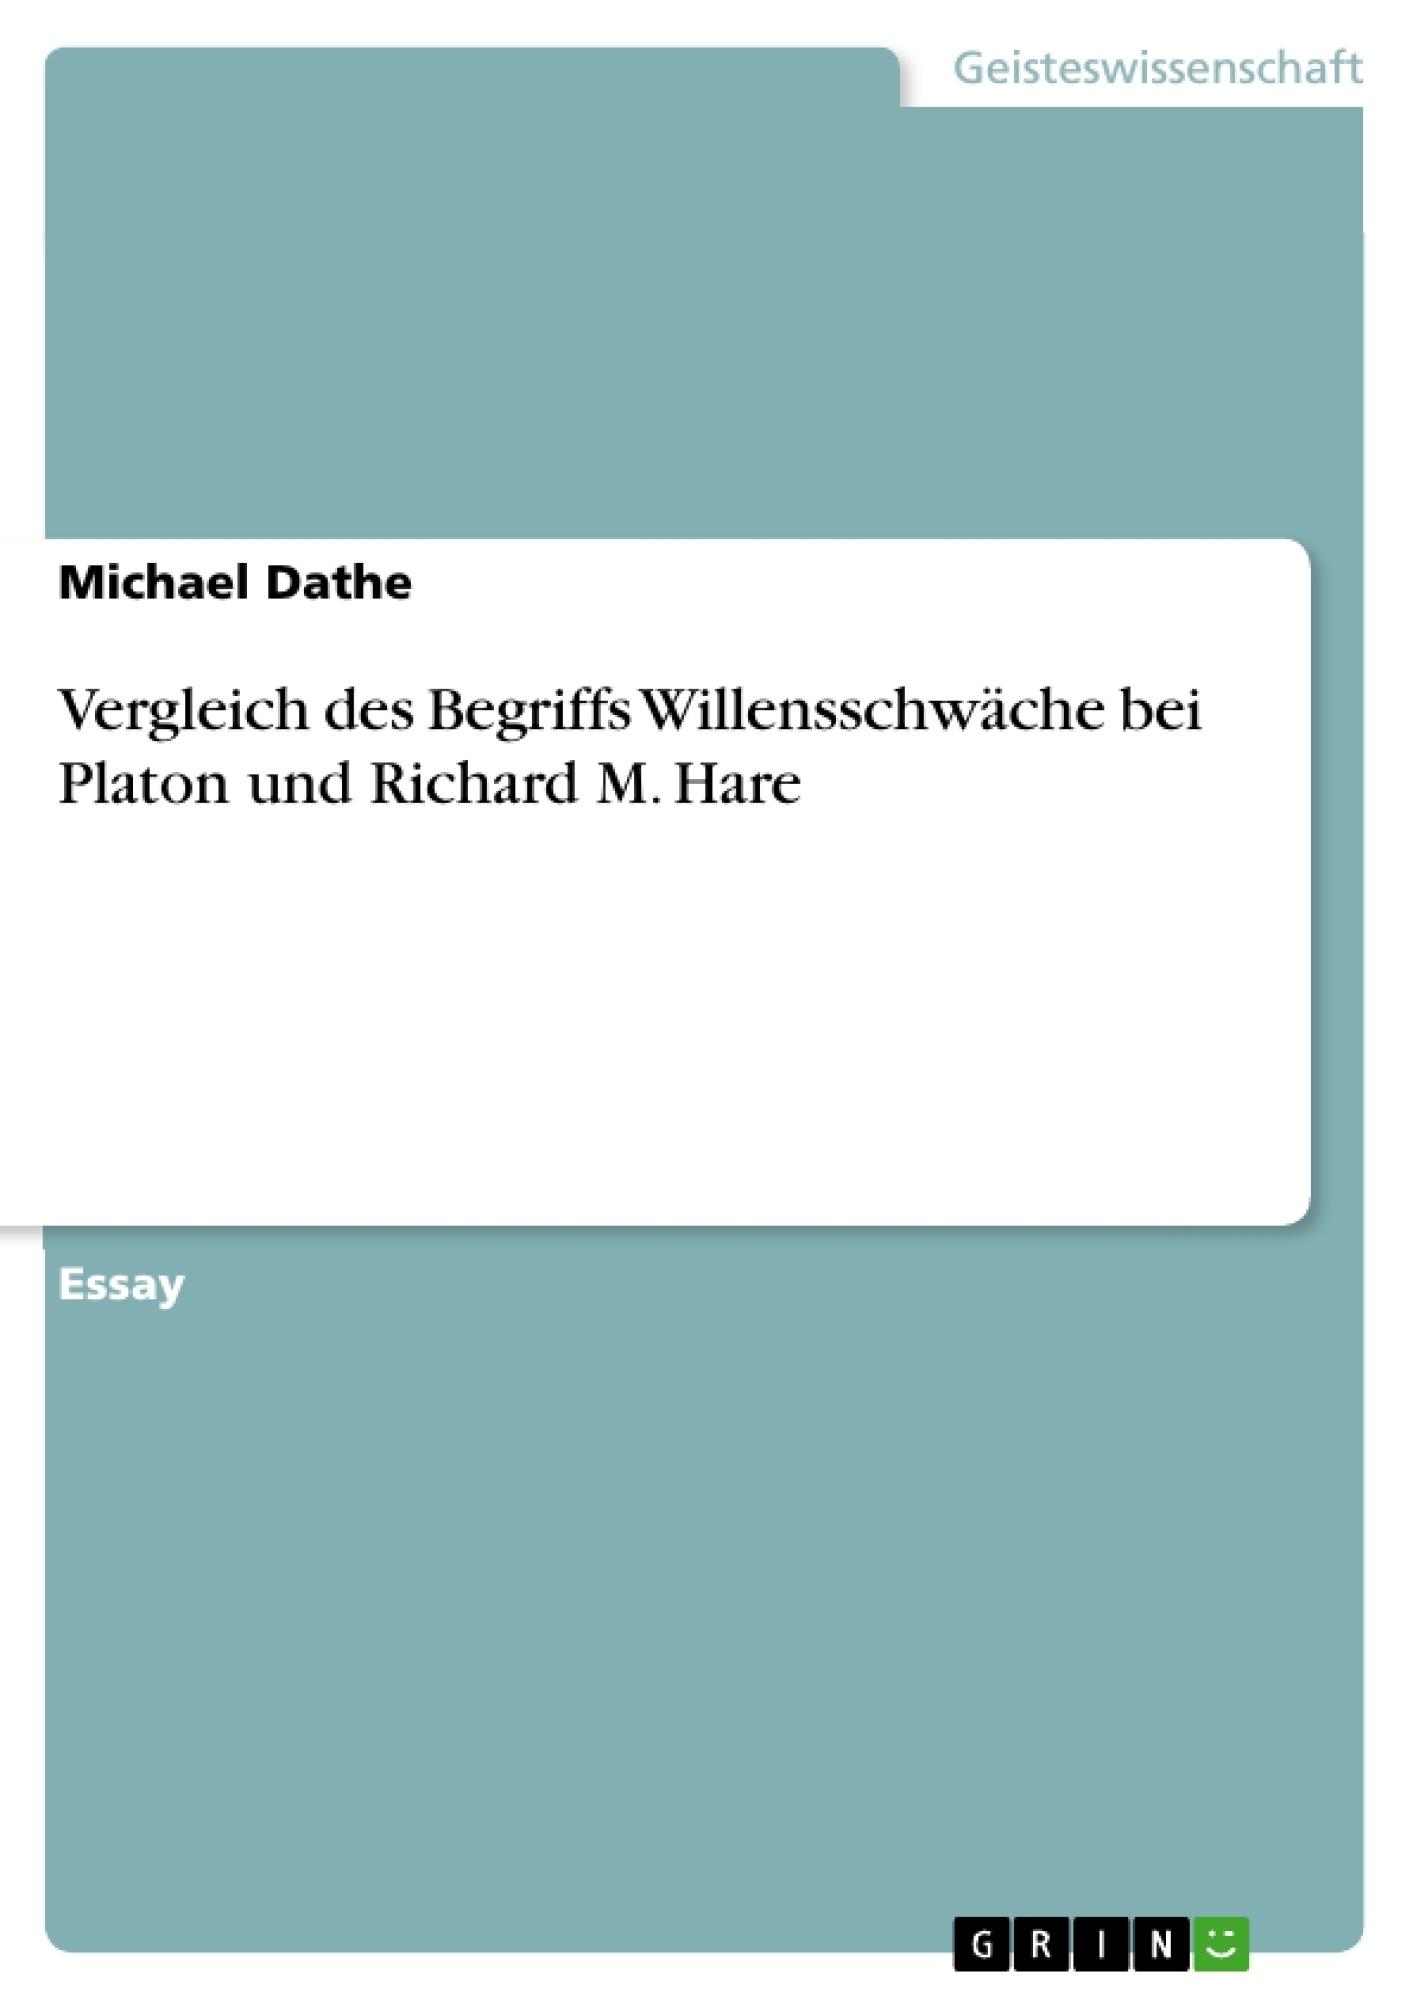 Titel: Vergleich des Begriffs Willensschwäche bei Platon und Richard M. Hare